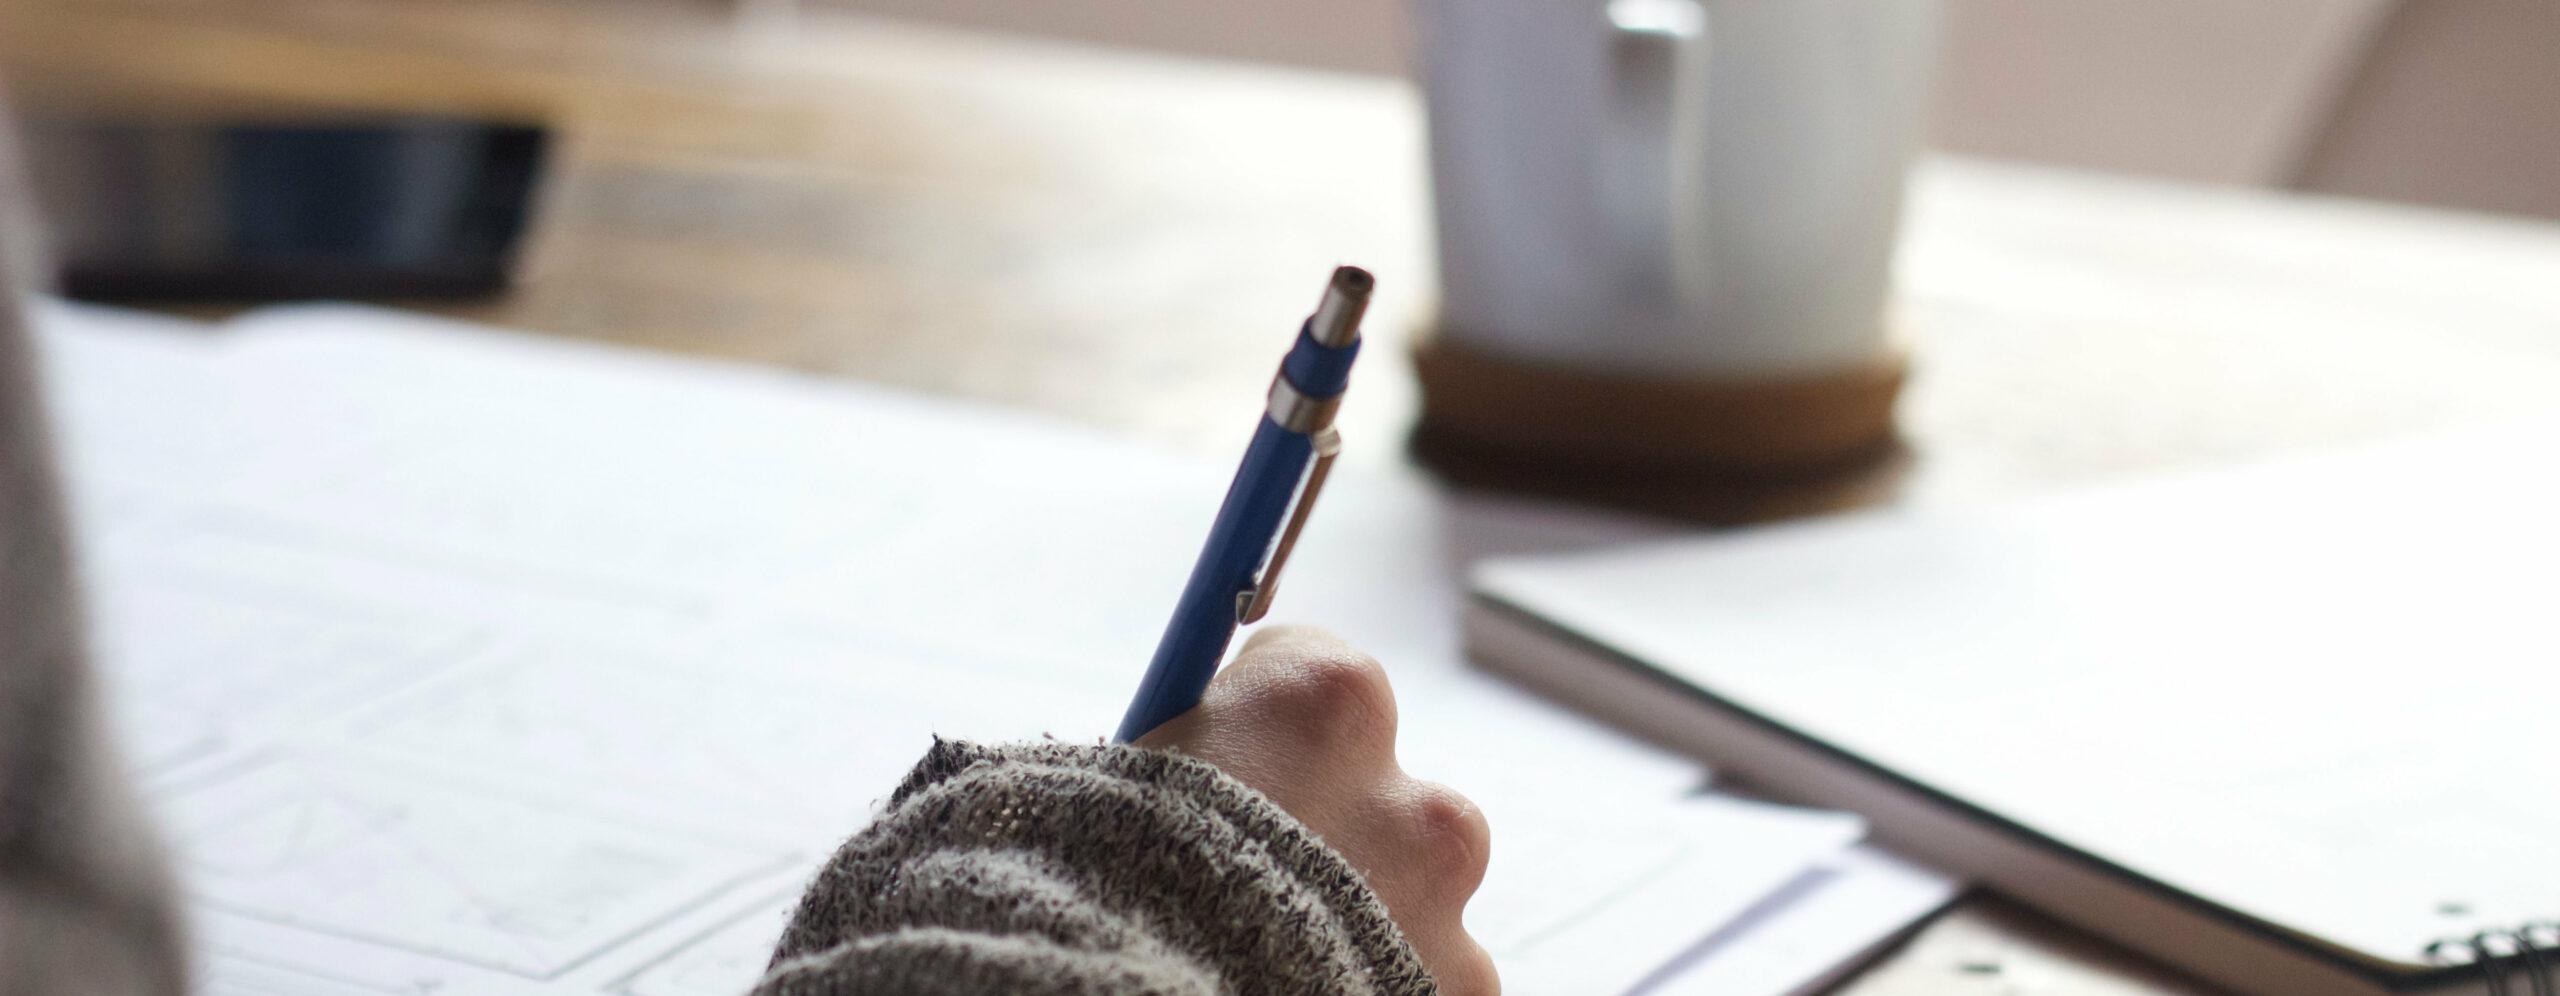 Hand hält Stift und schreibt auf Papier